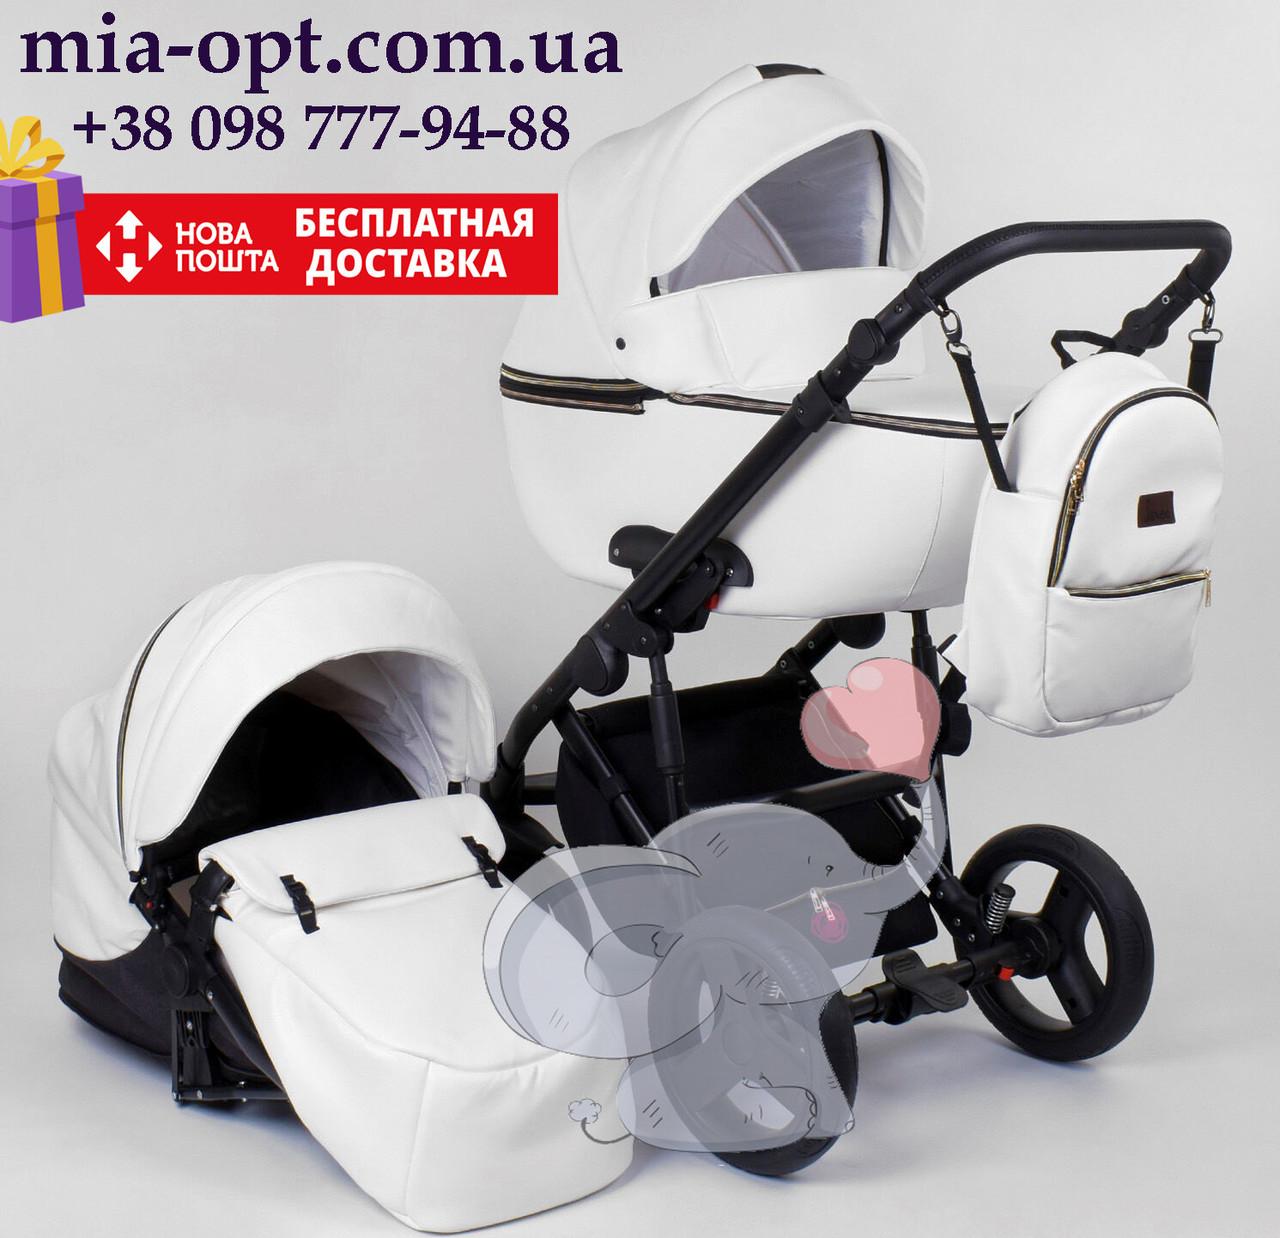 Детская коляска 2 в 1 Roxy (Rosy)  эко кожа белый